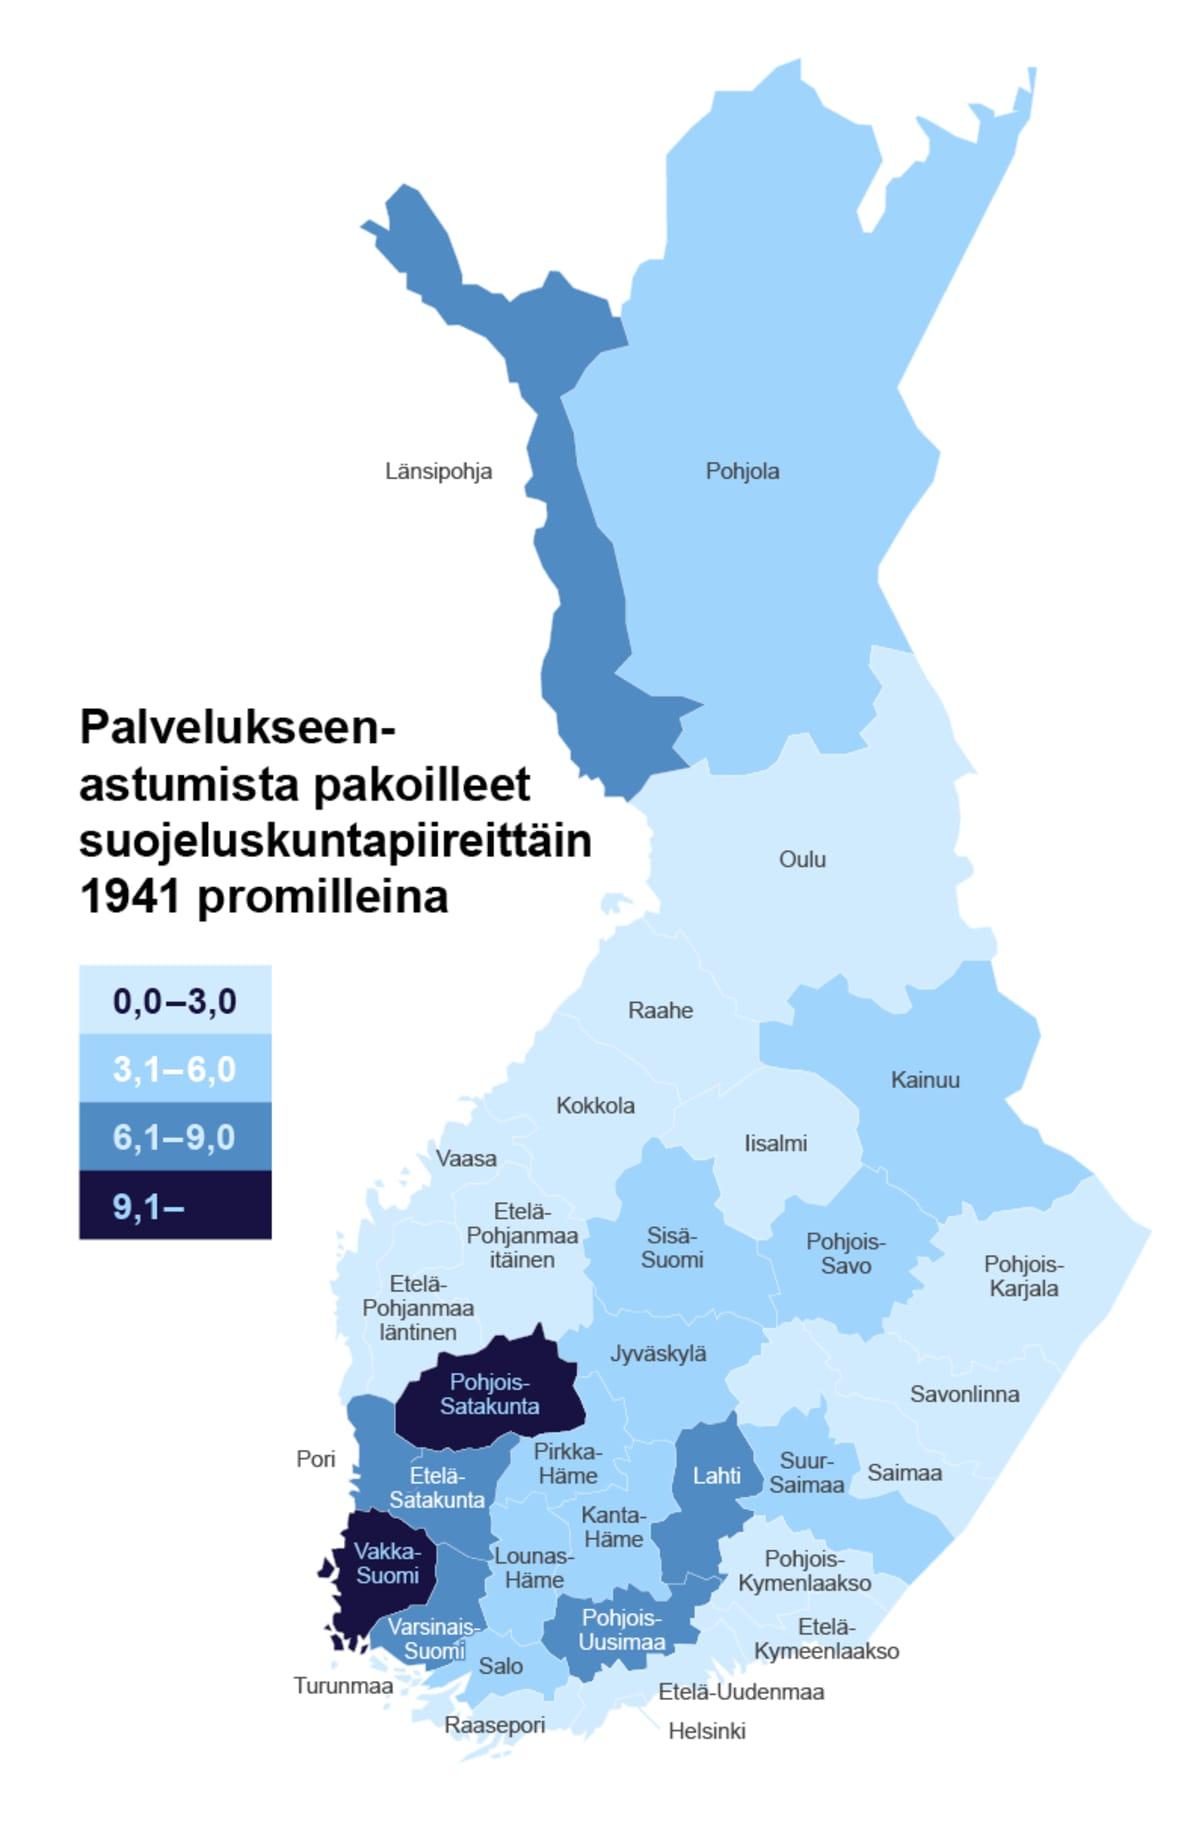 Hitleria Vastaan Sodittiin Suomessa Hajanaisesti Yle Uutiset